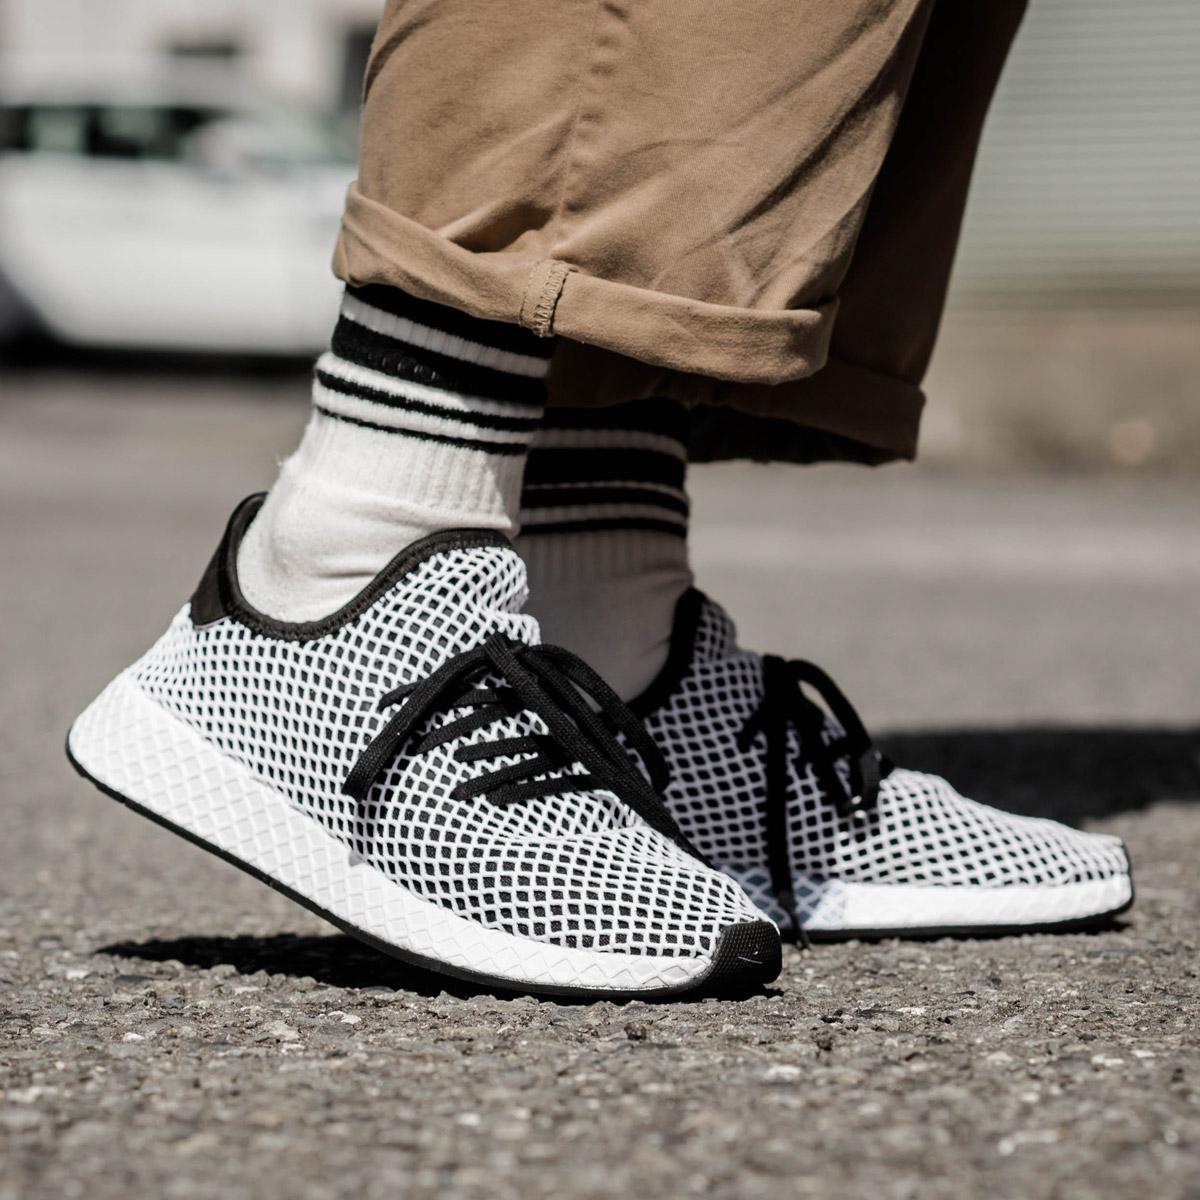 値引きする adidas Originals DEERUPT RUNNER(アディダス Originals adidas オリジナルス DEERUPT ディーラプト ランナー)(Core Black/Core Black/Running White)18SS-I, もったいない本舗:654eb64d --- canoncity.azurewebsites.net